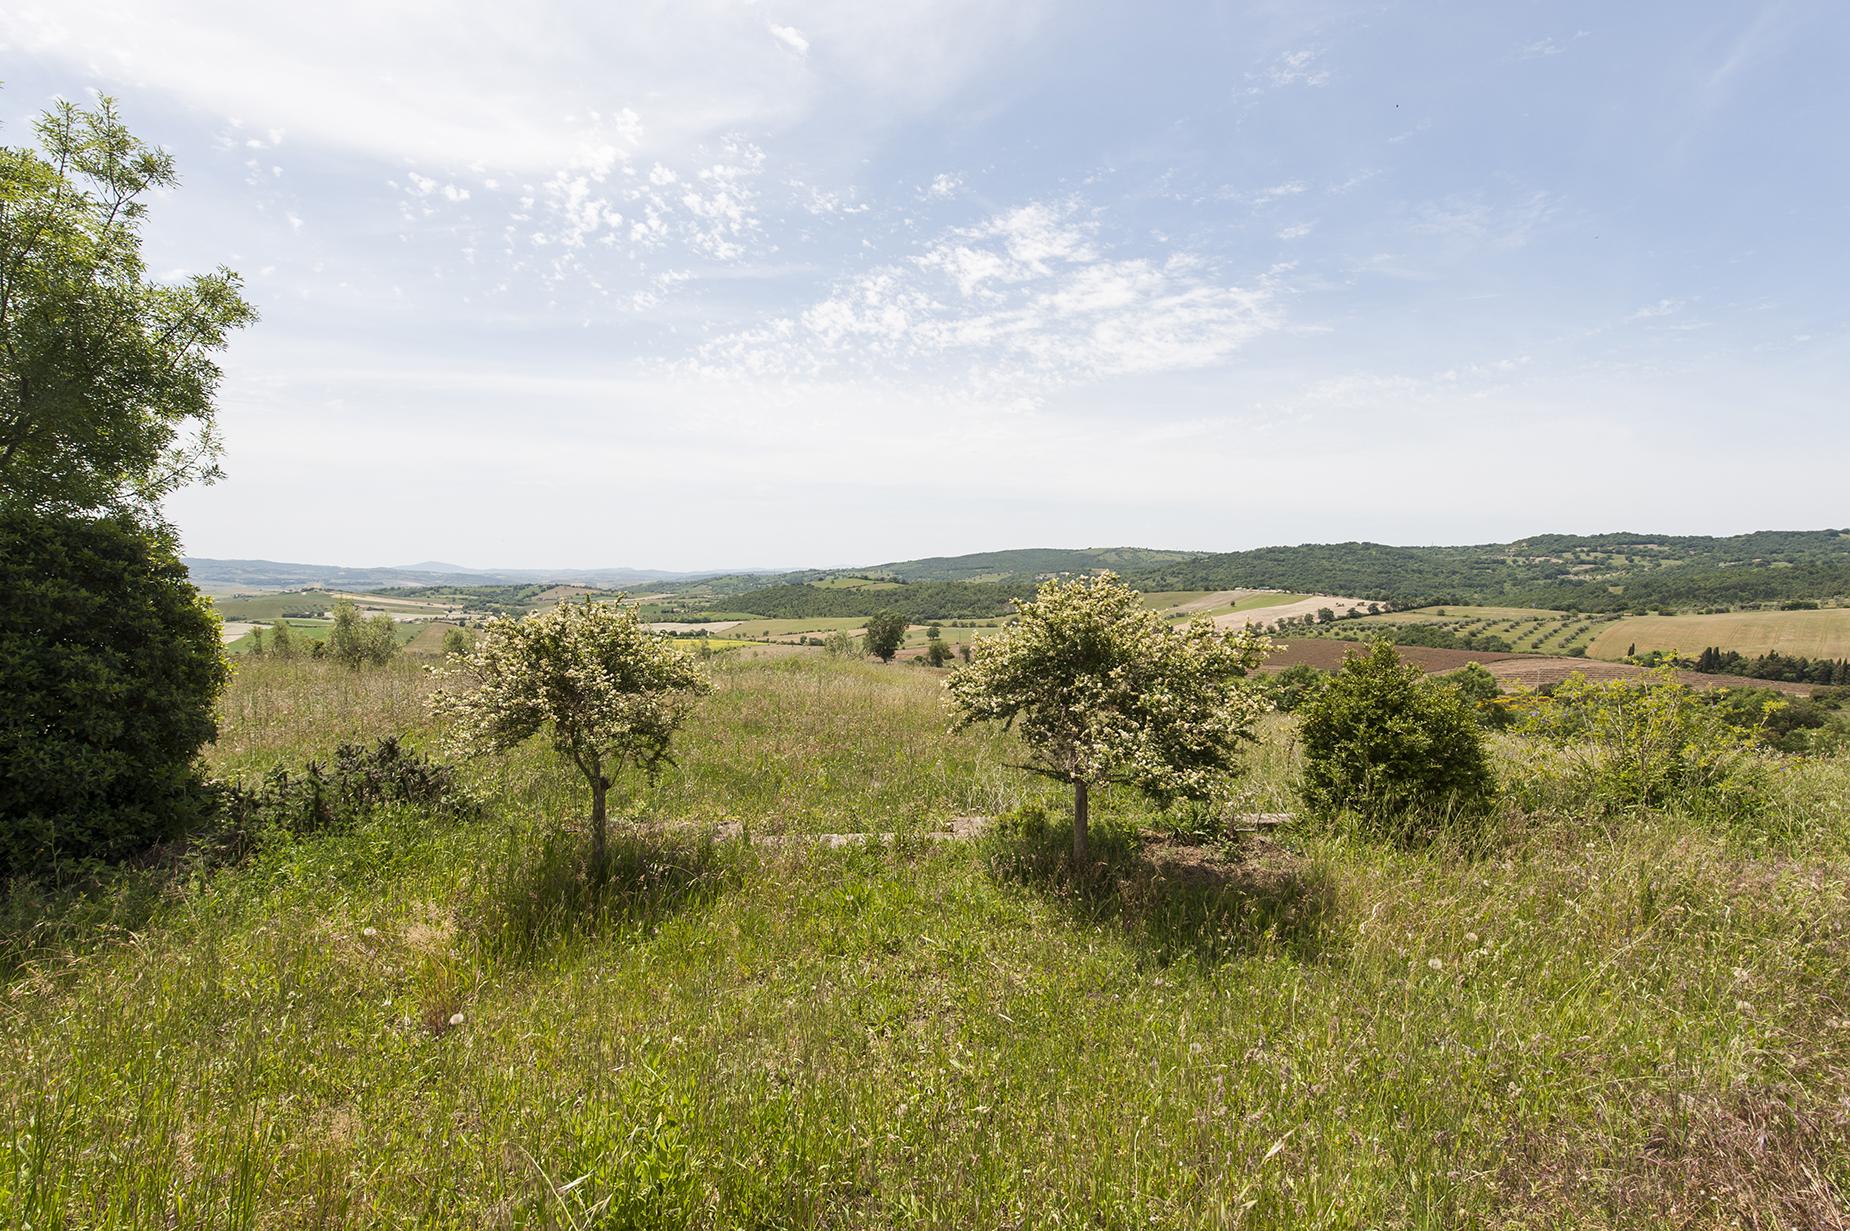 Rustico in Vendita a Roccalbegna: 5 locali, 450 mq - Foto 21